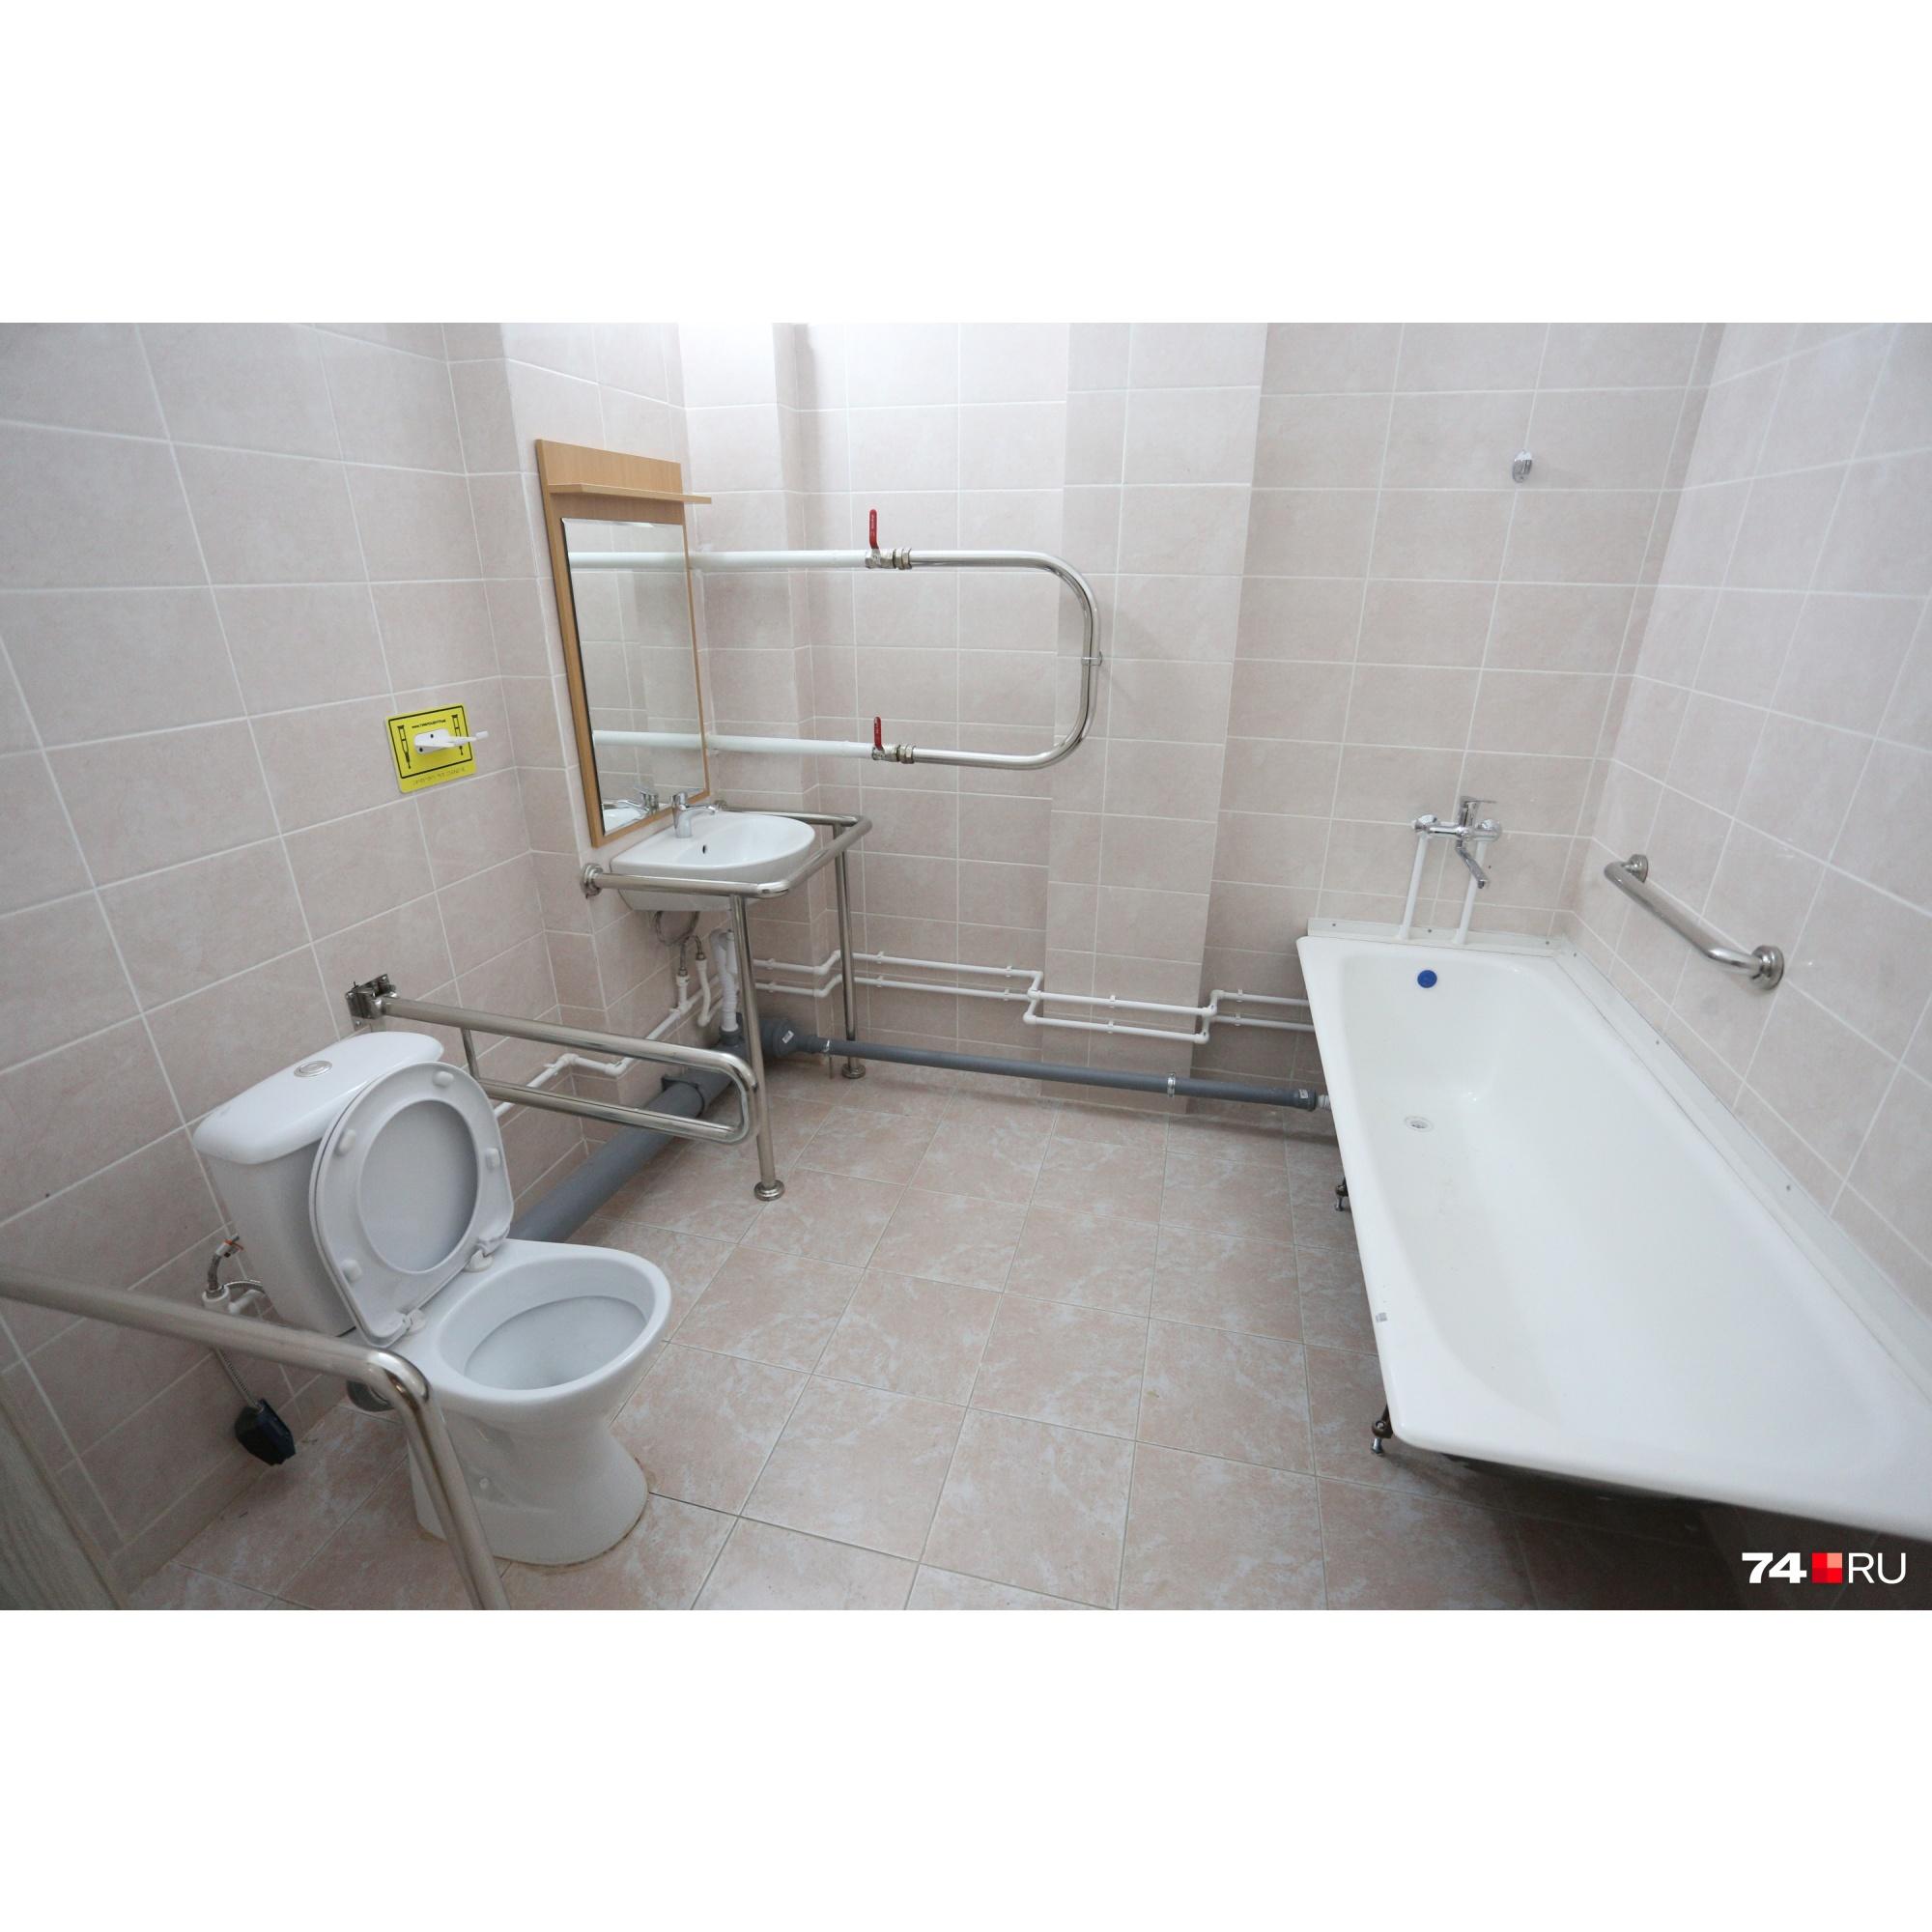 Ванная комната для инвалидов — со специальными поручнями